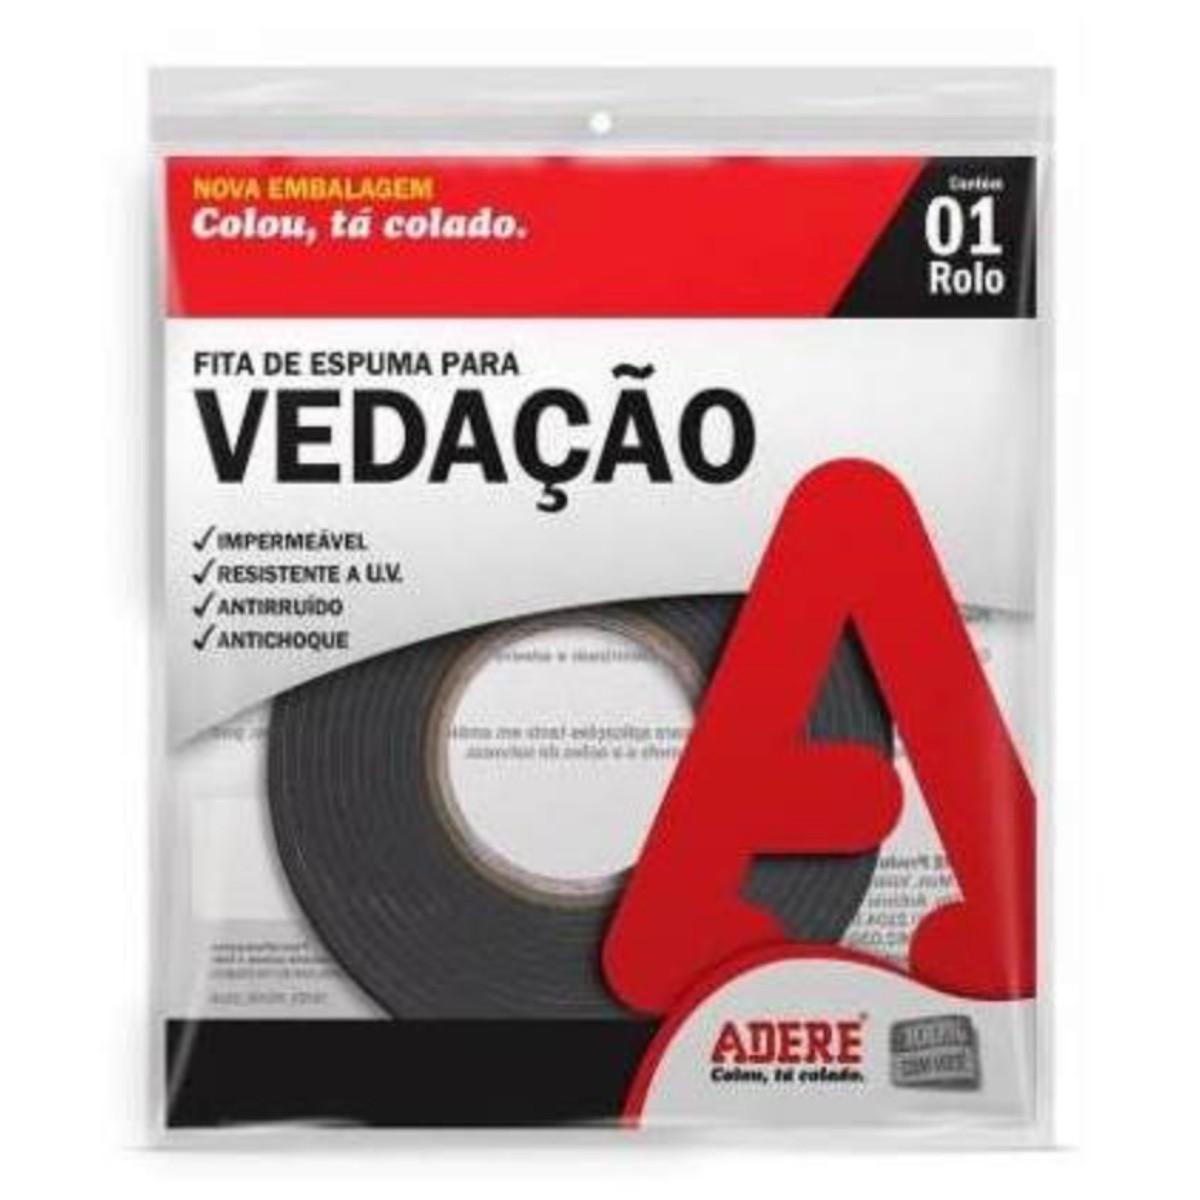 Fita Espuma Vedação 19mmx5m Autoadesiva 04 Unid E104s Adere